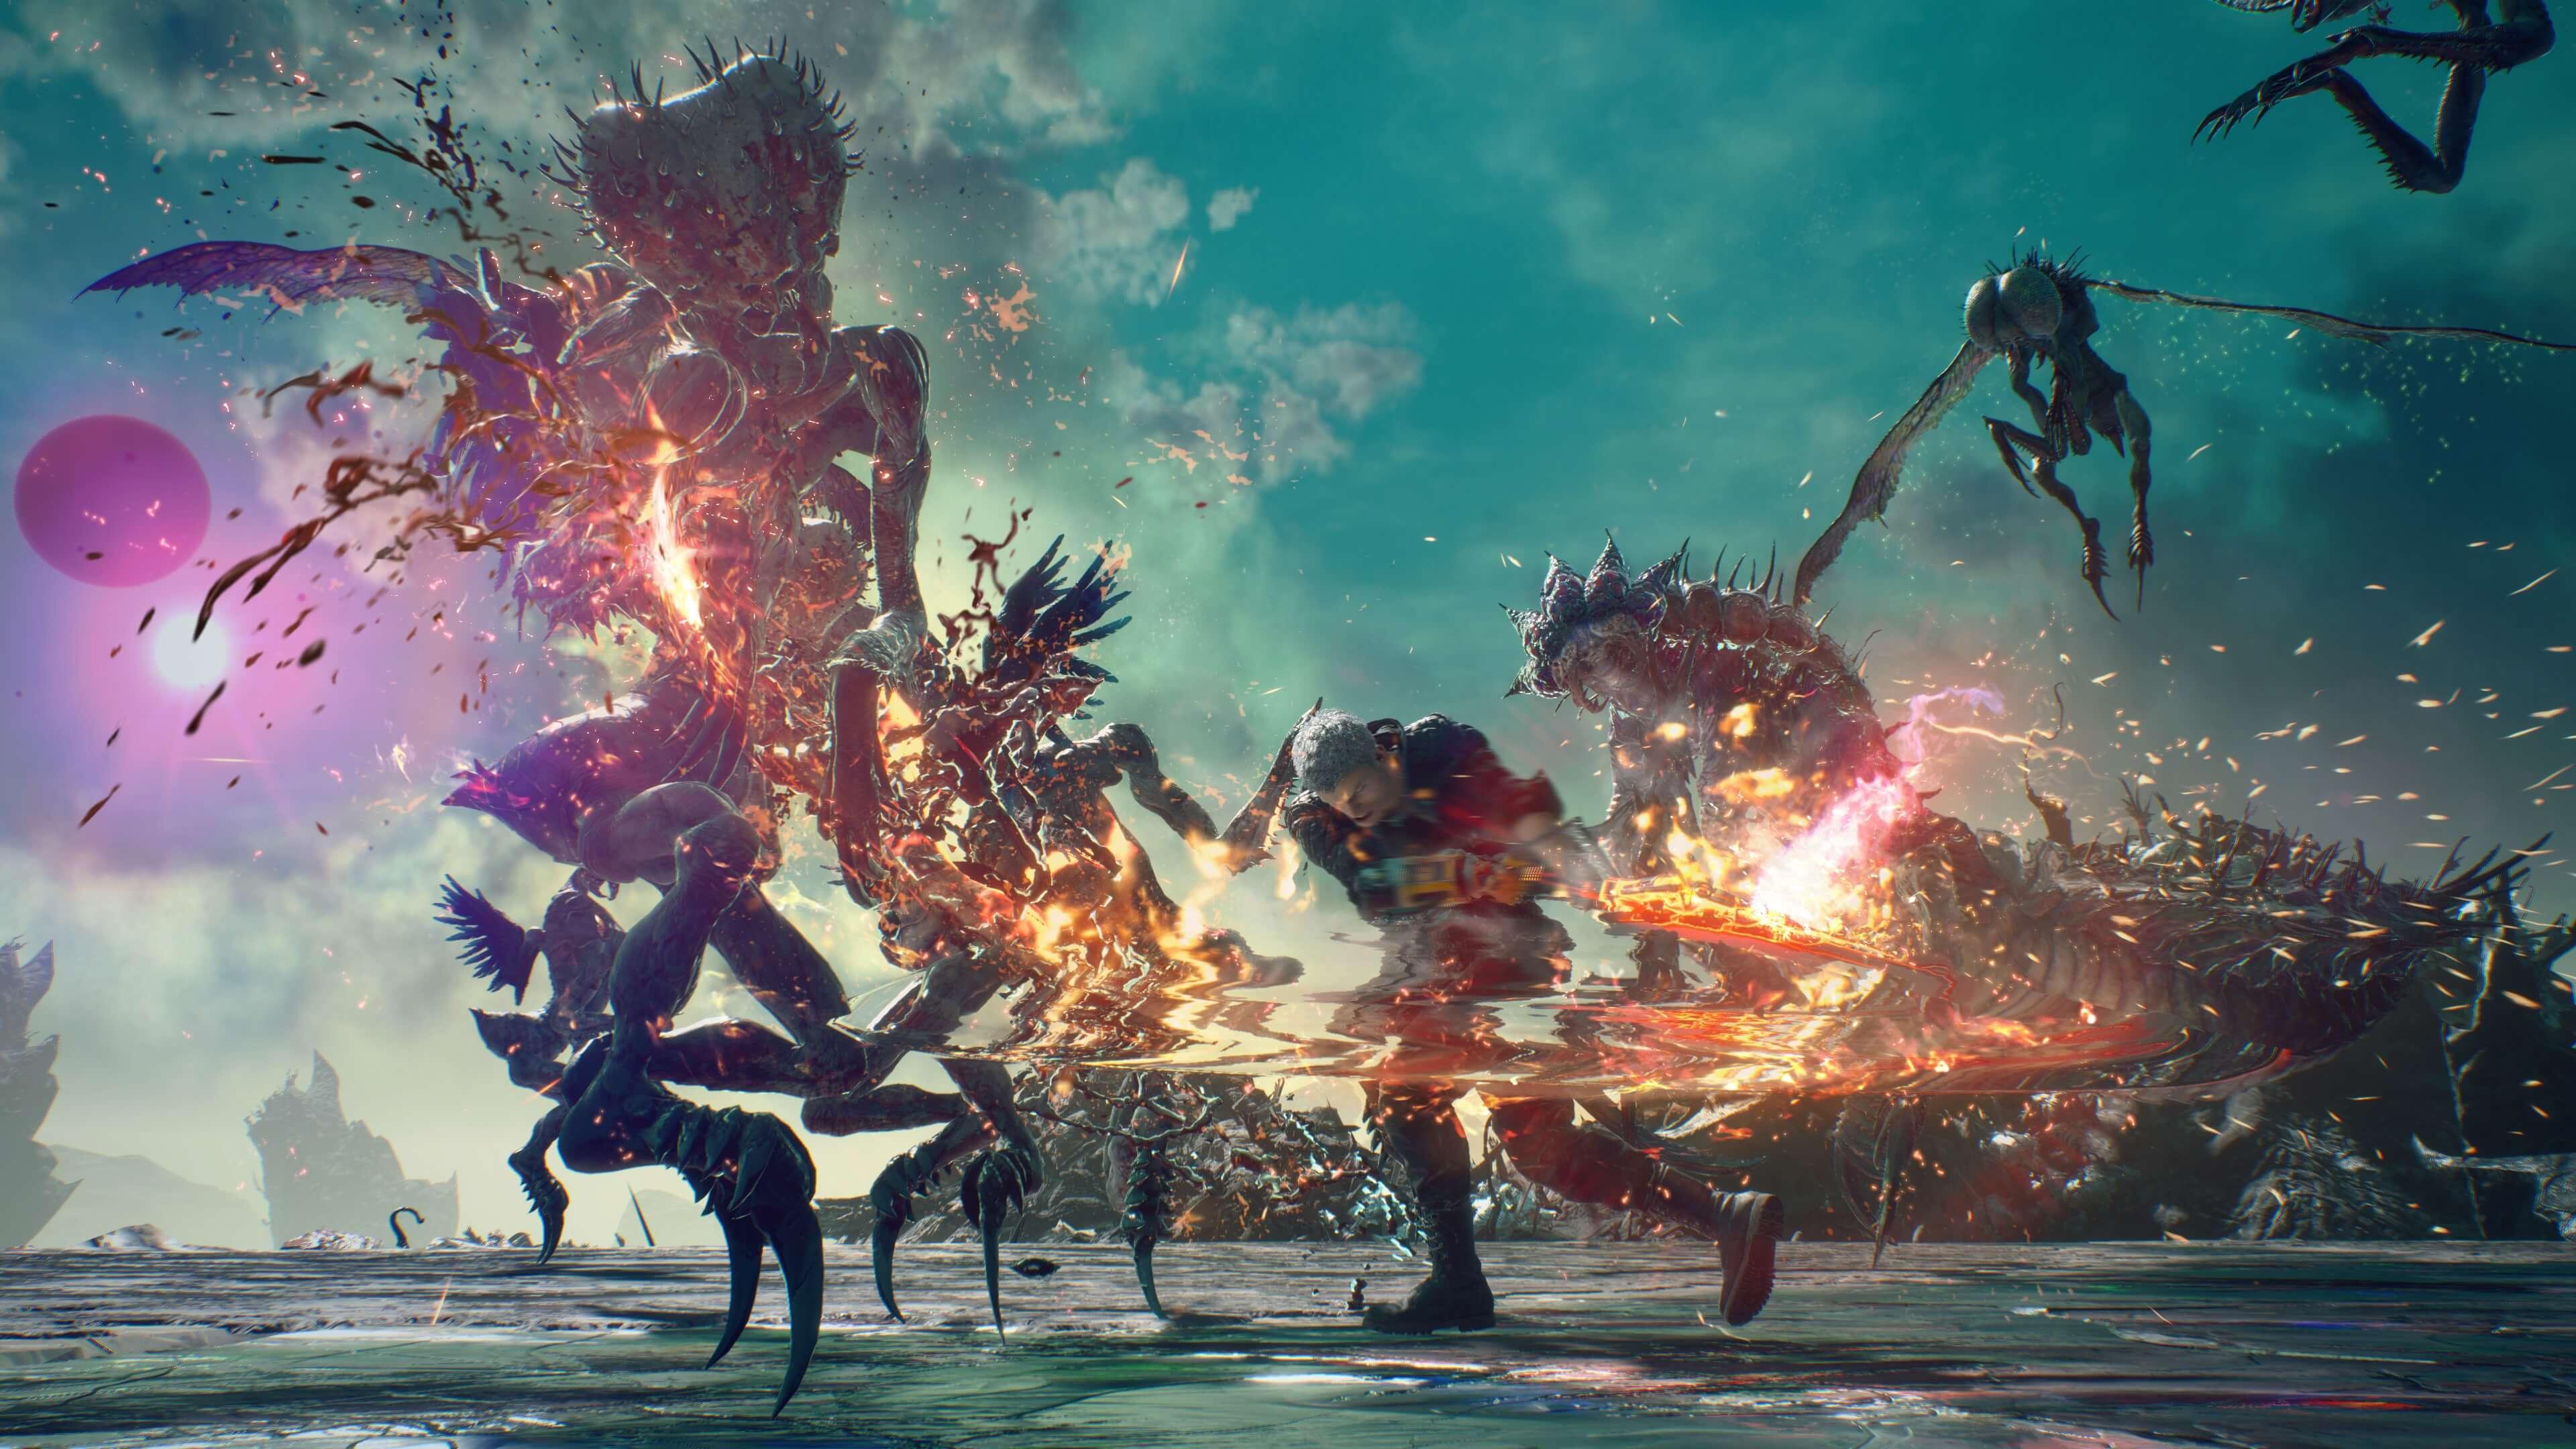 愚人节上线 《鬼泣5》首个免费DLC《血宫》超美截图公布